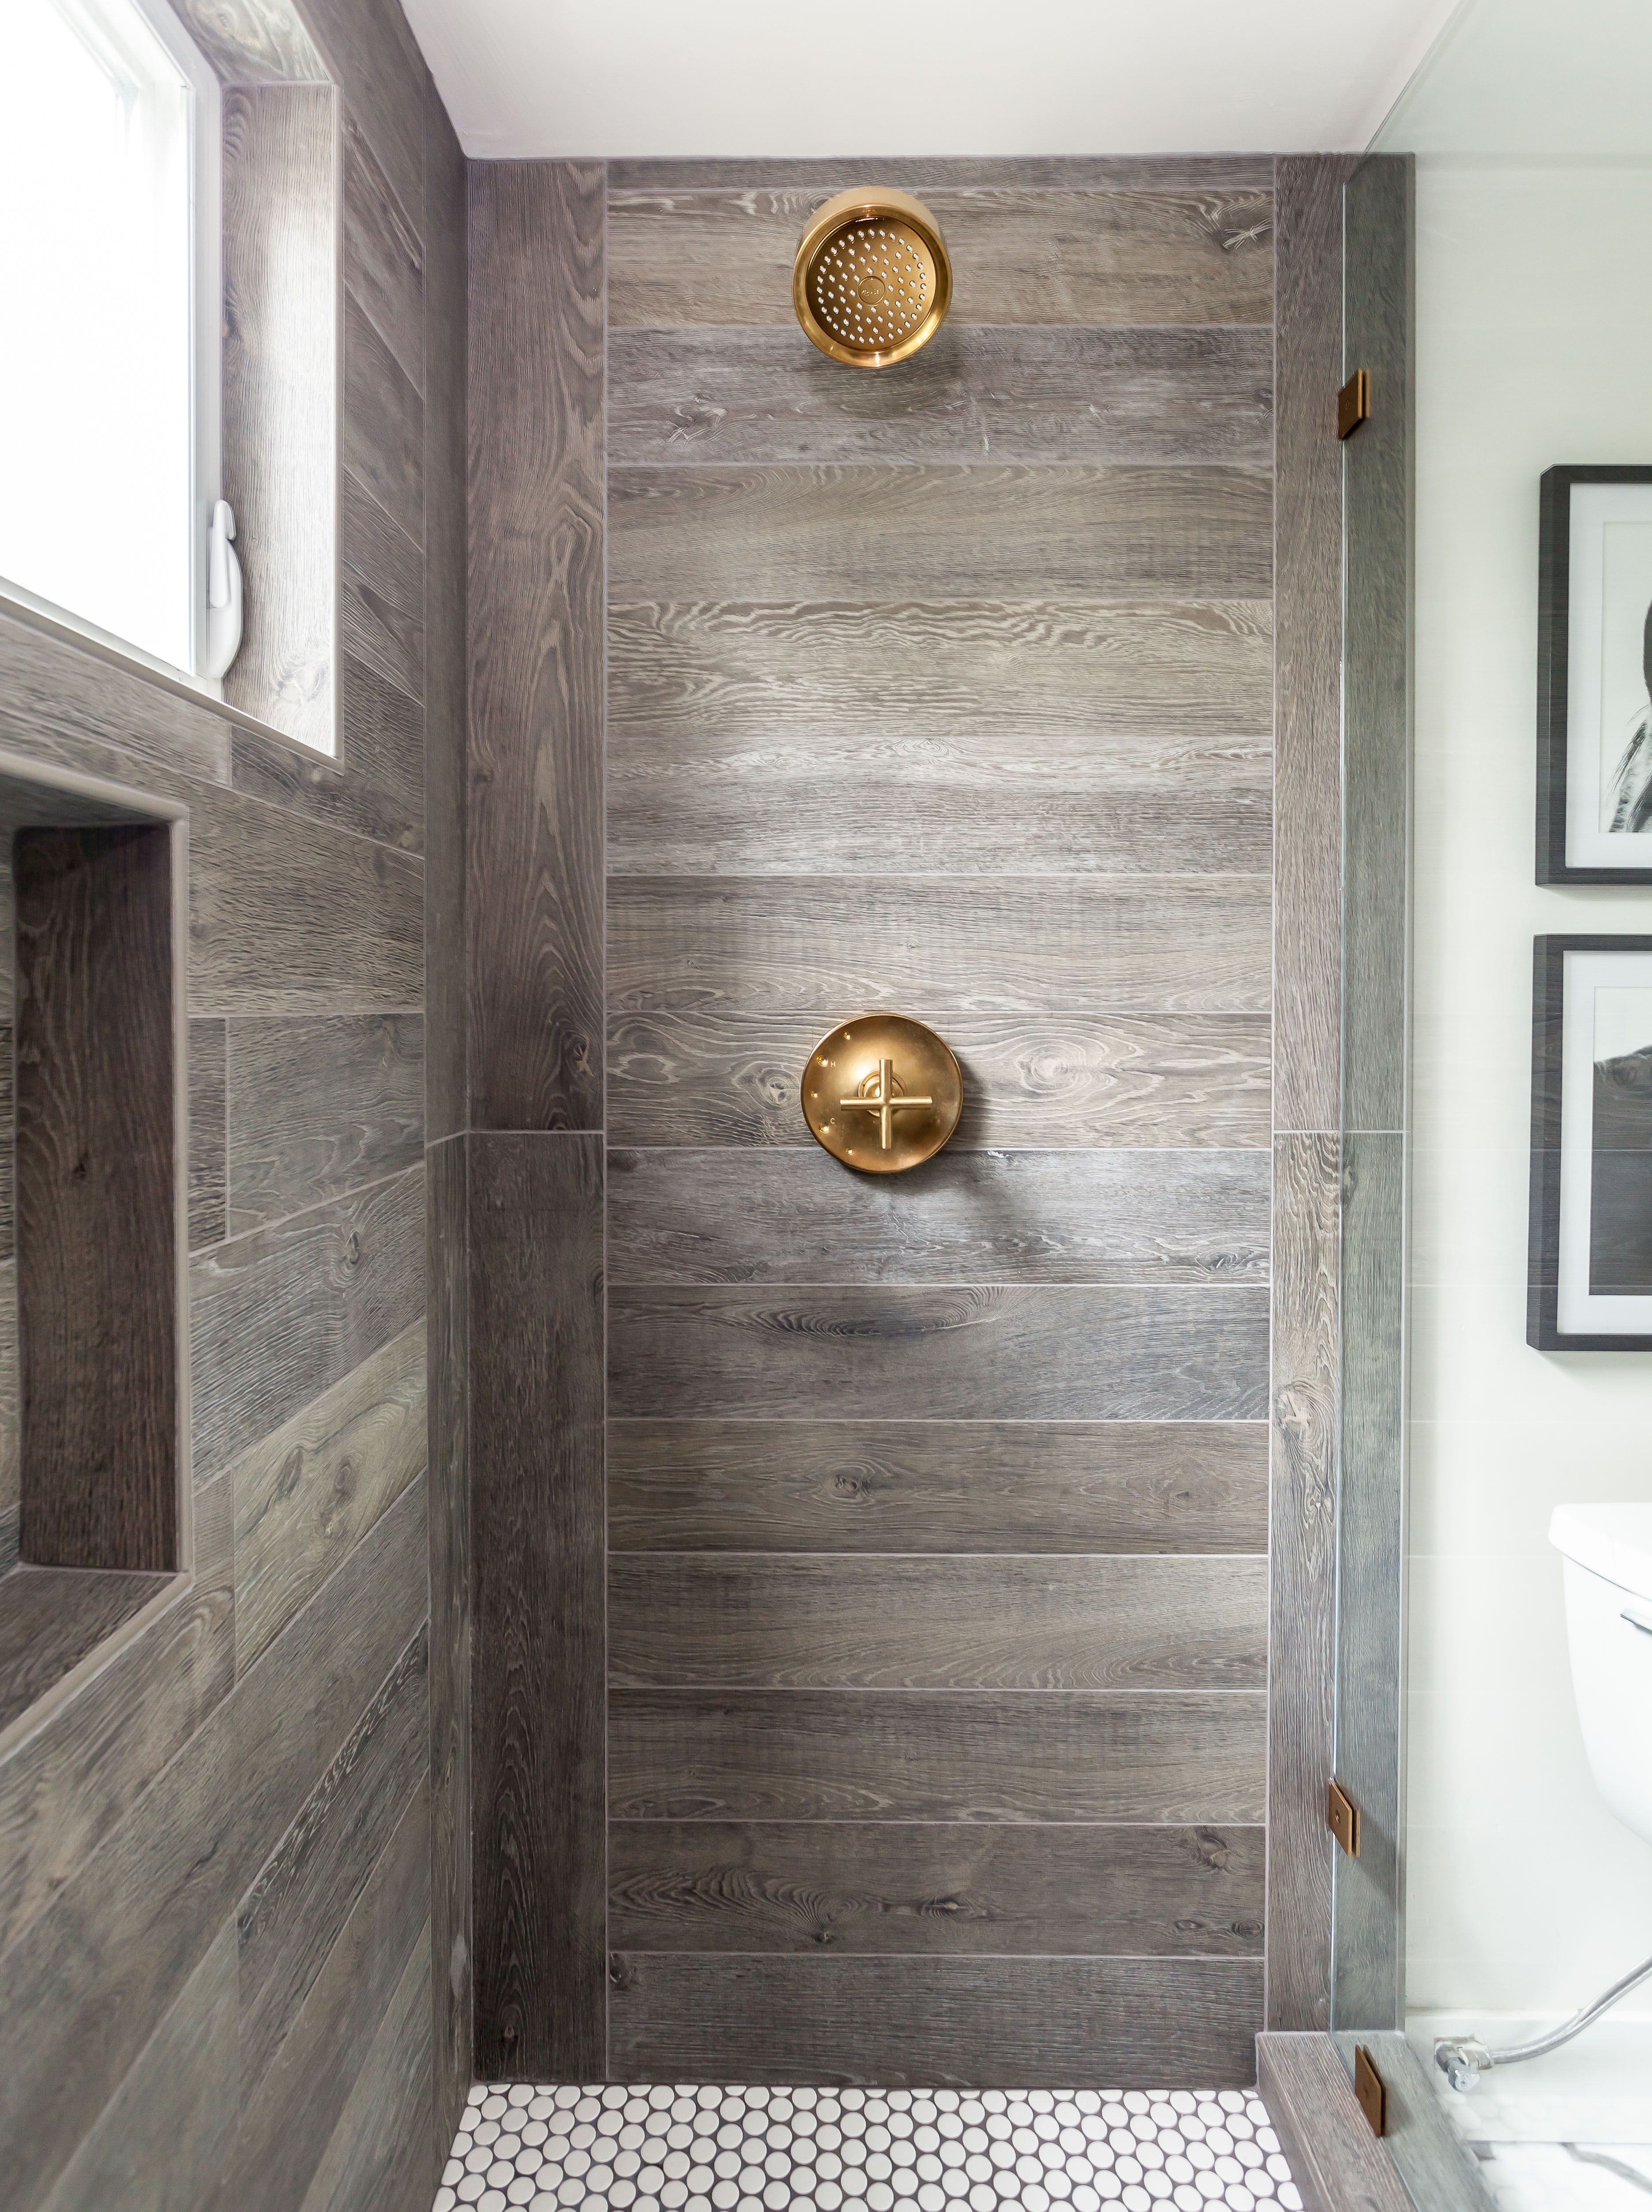 Designer Juxtaposed Interiors Luxury Farmhouse Bathroom